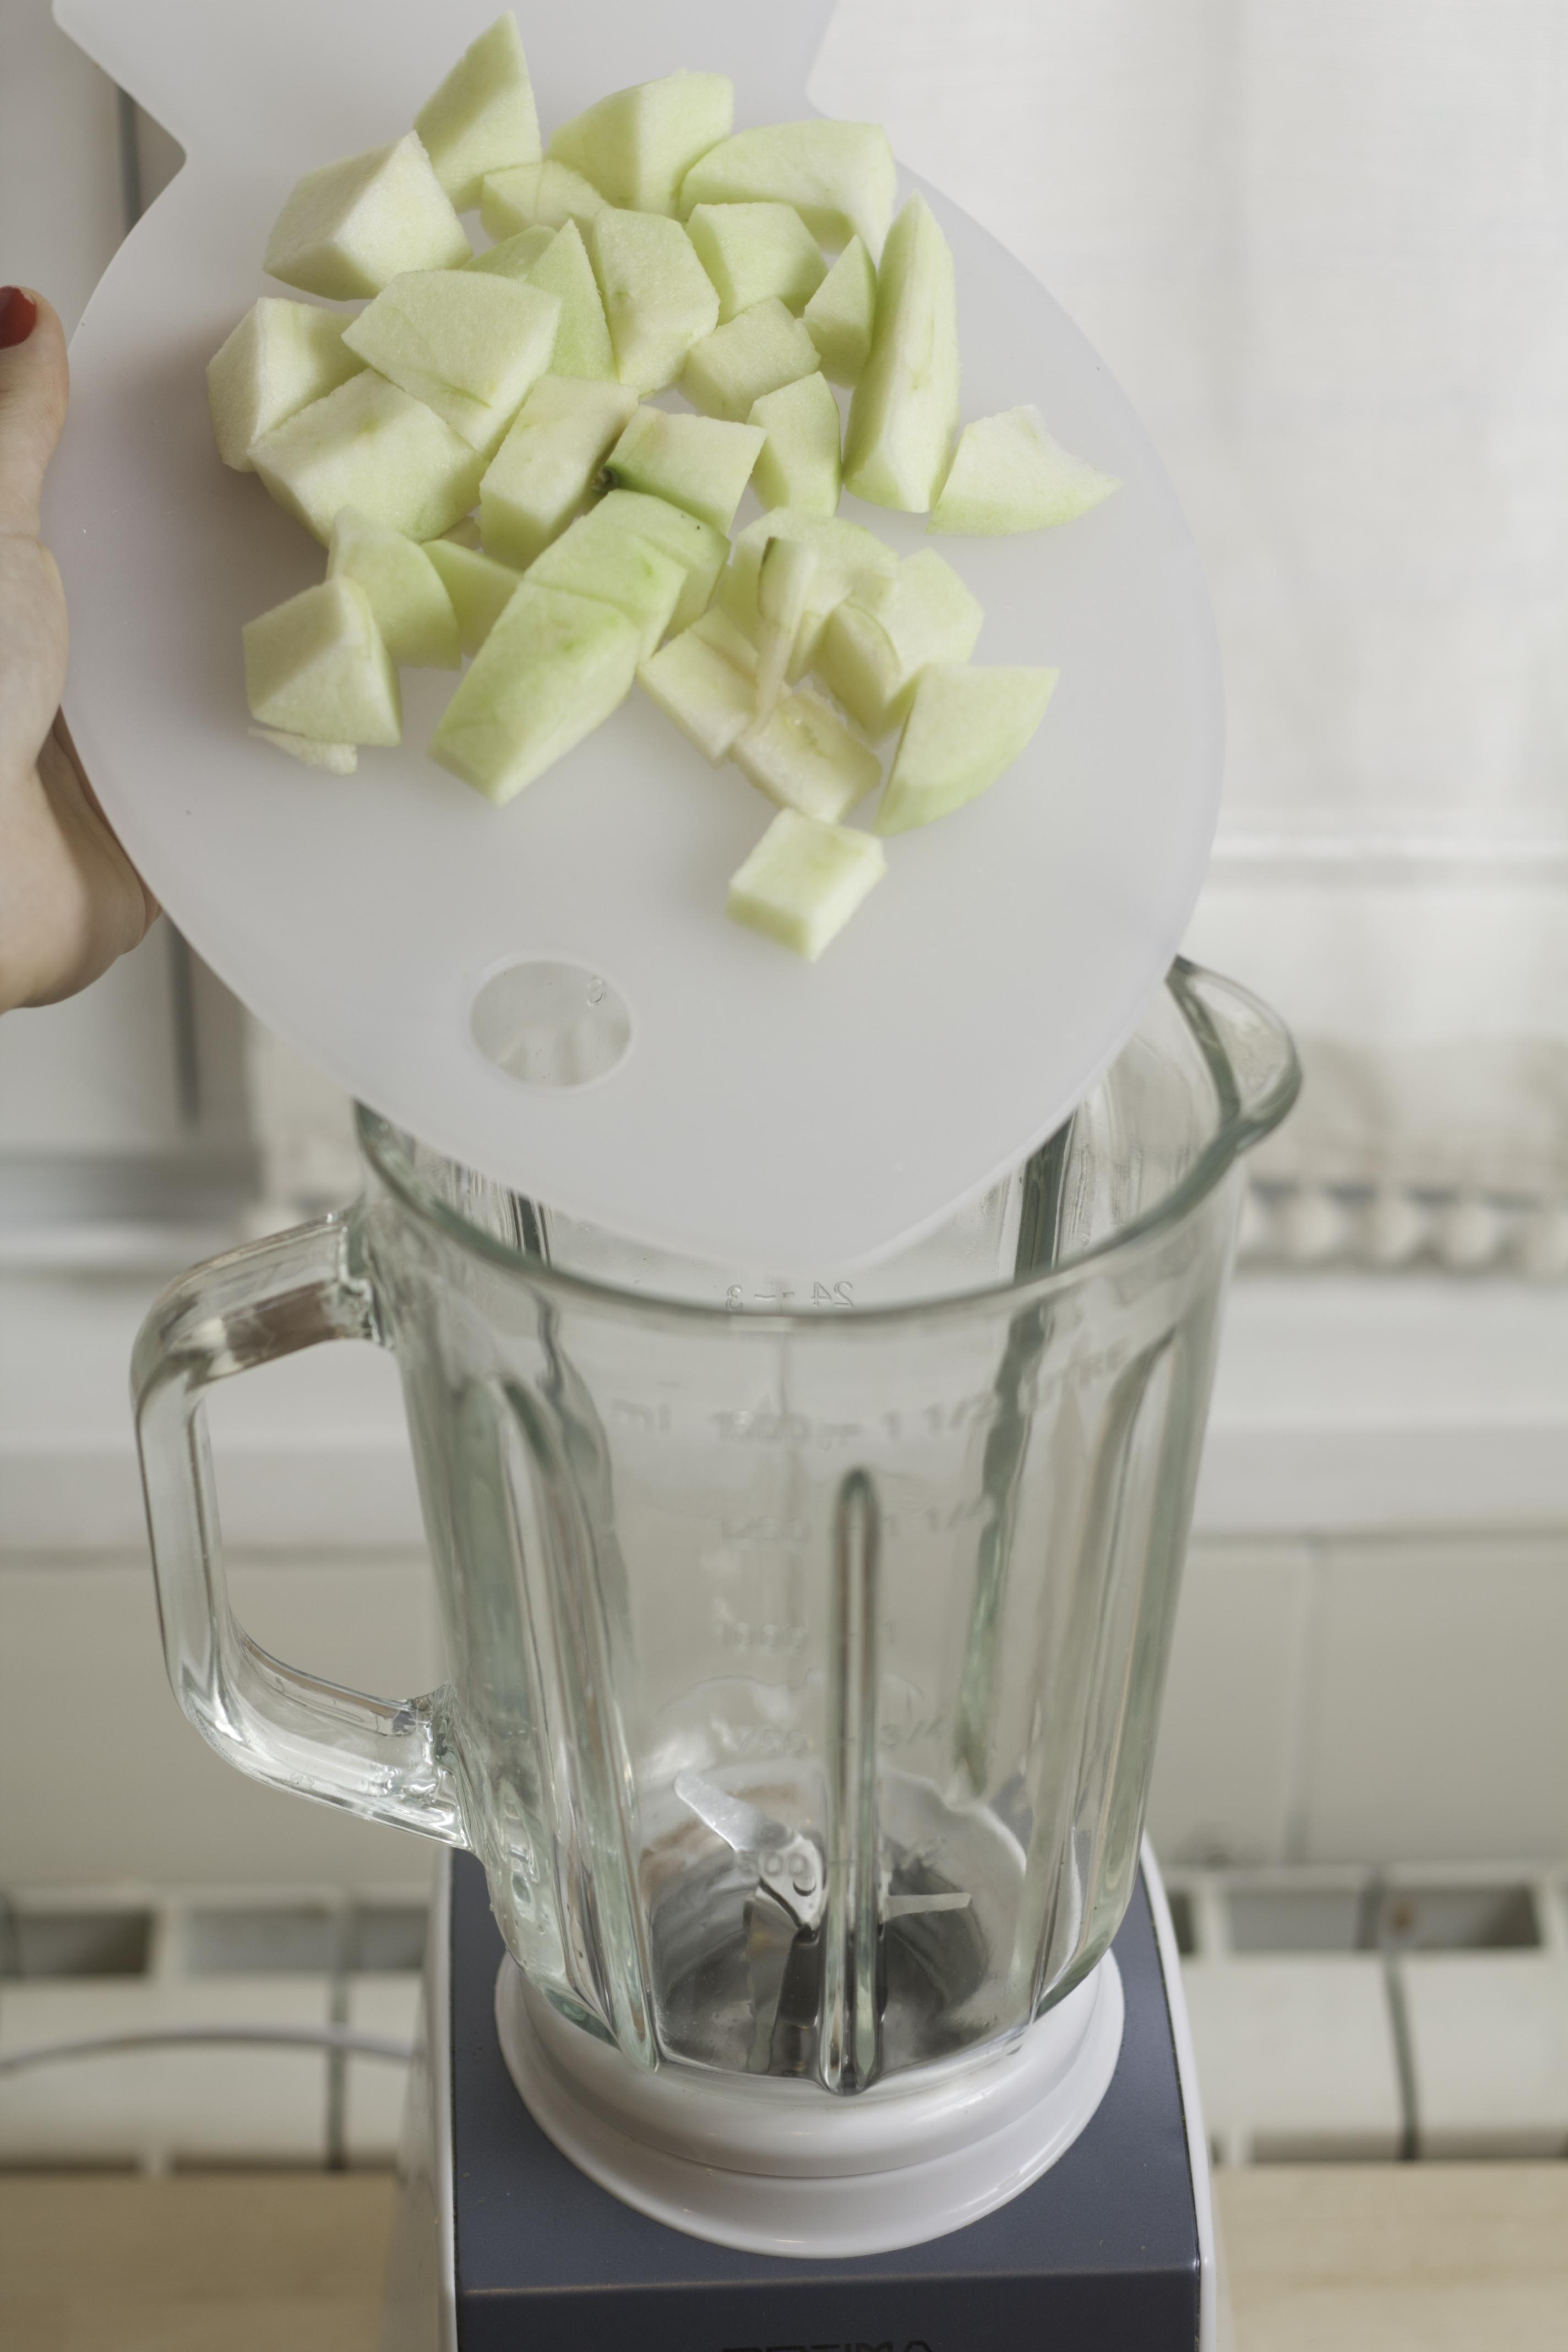 Pelamos la manzana y la cortamos en trocitos.